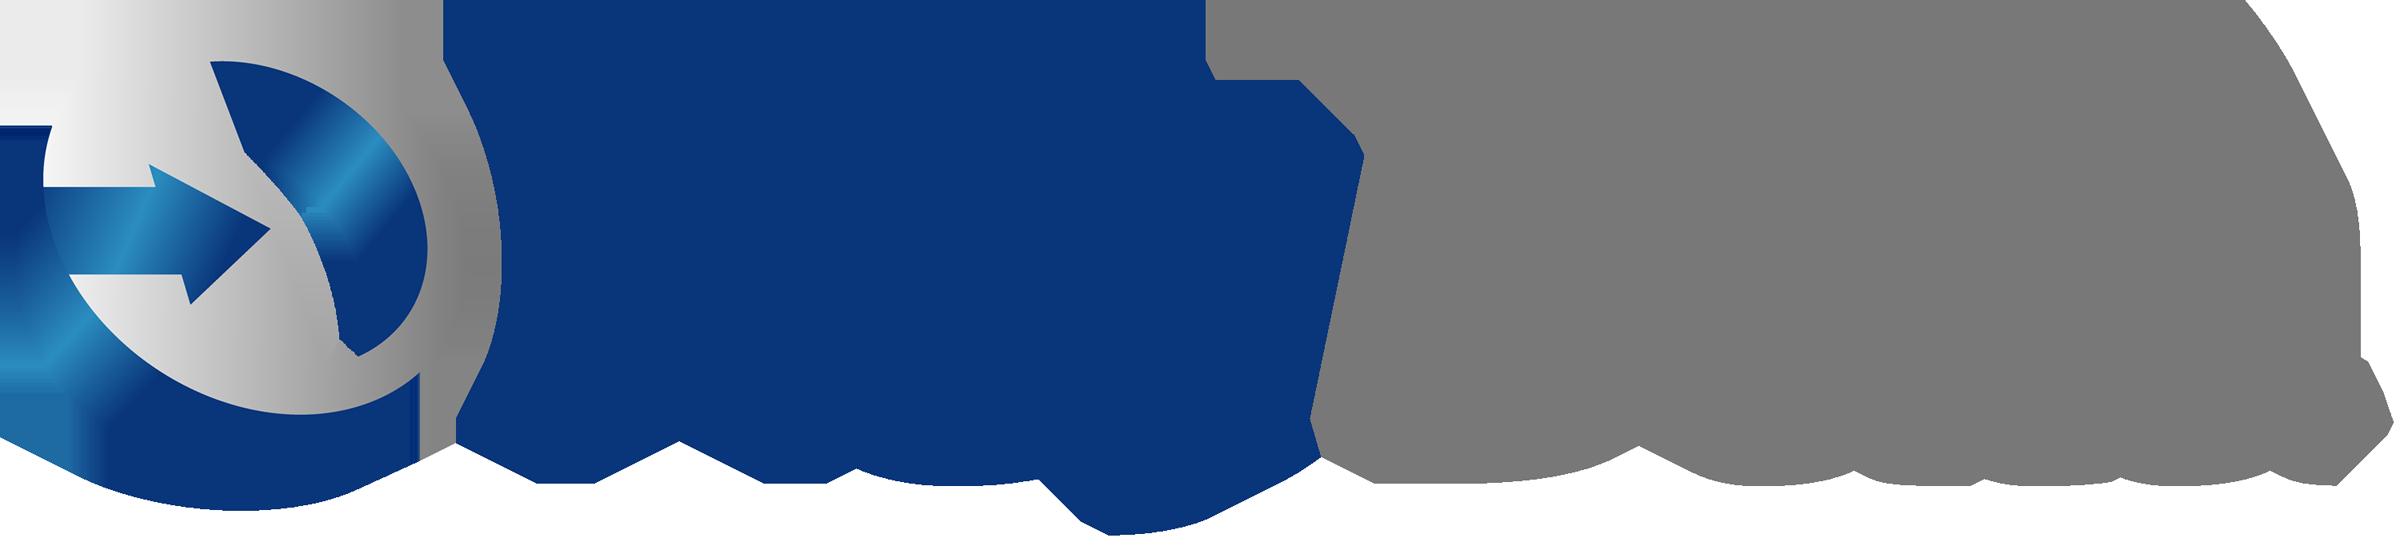 KeyData Associates